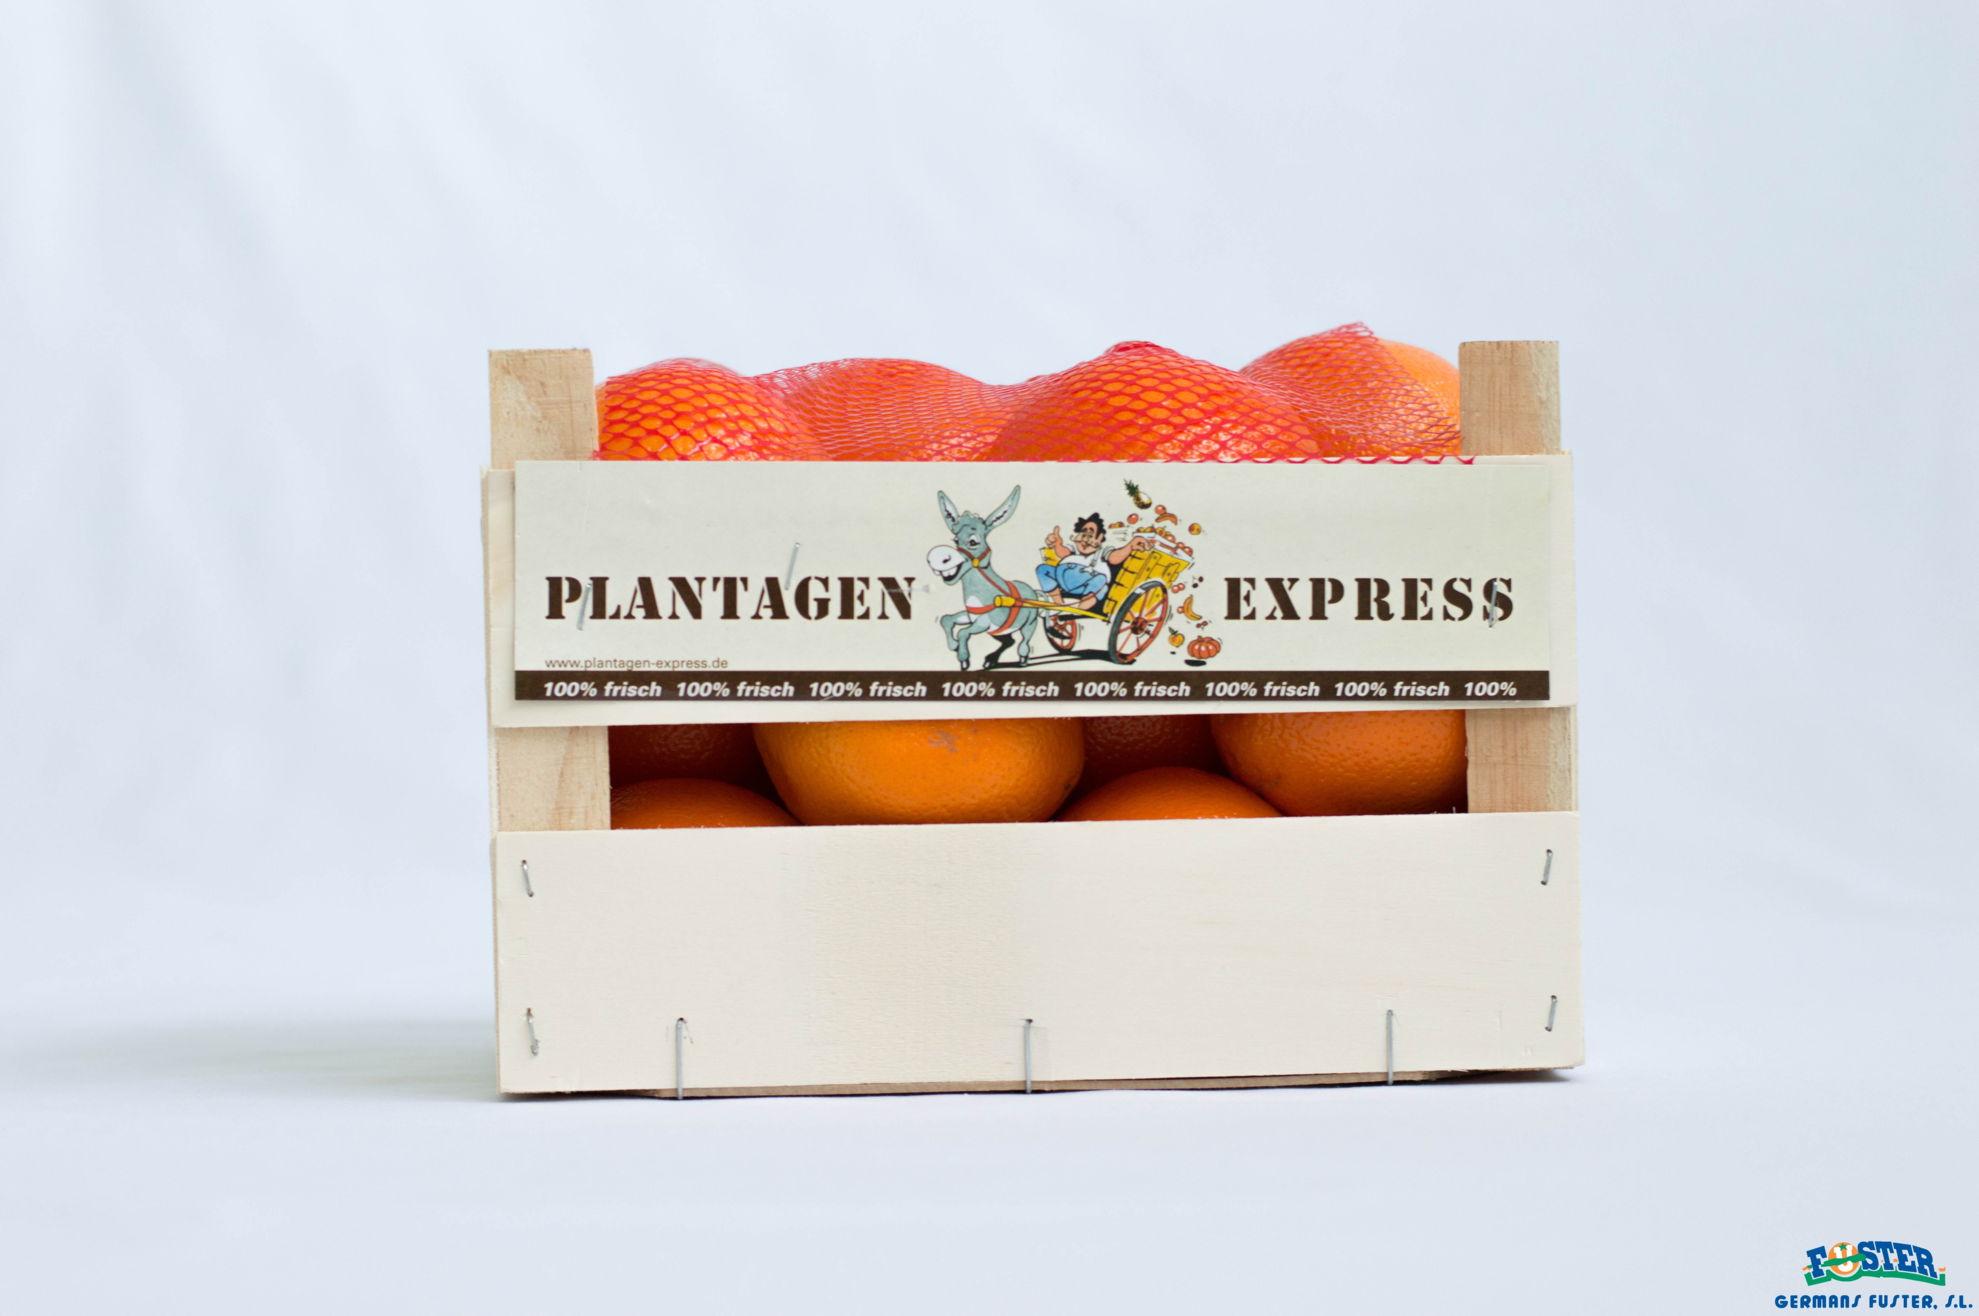 plantagen-germansfuster